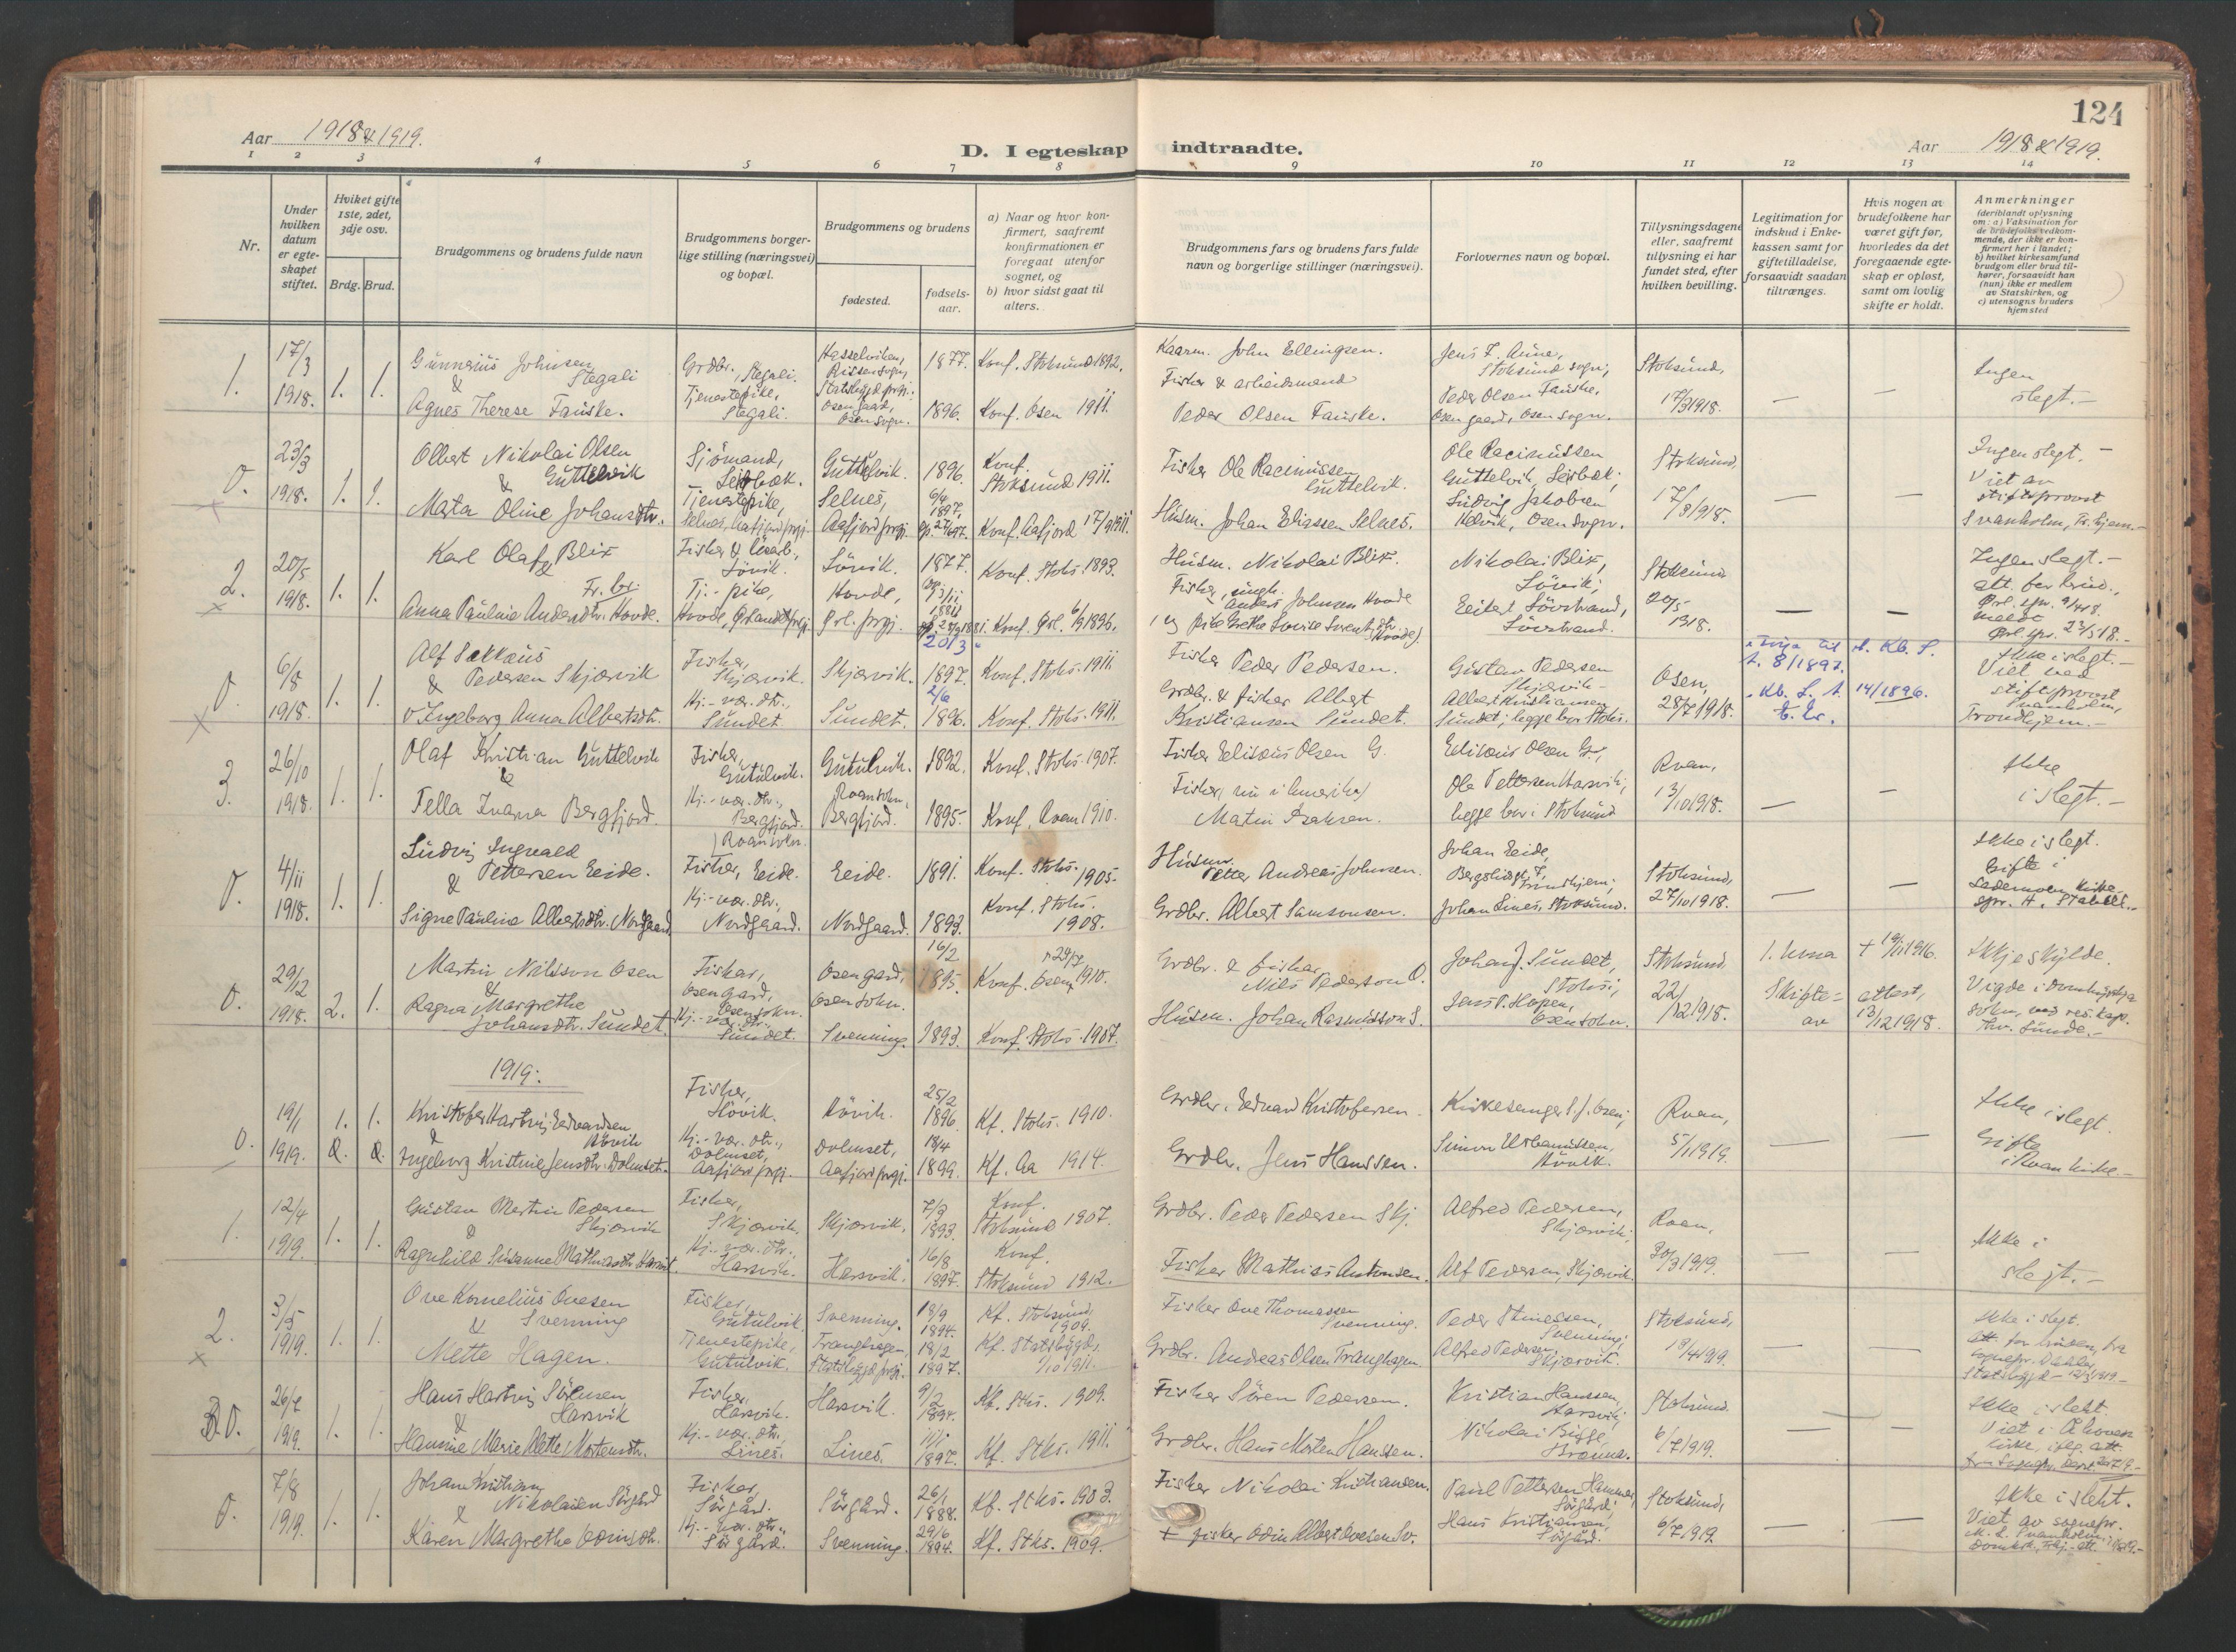 SAT, Ministerialprotokoller, klokkerbøker og fødselsregistre - Sør-Trøndelag, 656/L0694: Ministerialbok nr. 656A03, 1914-1931, s. 124